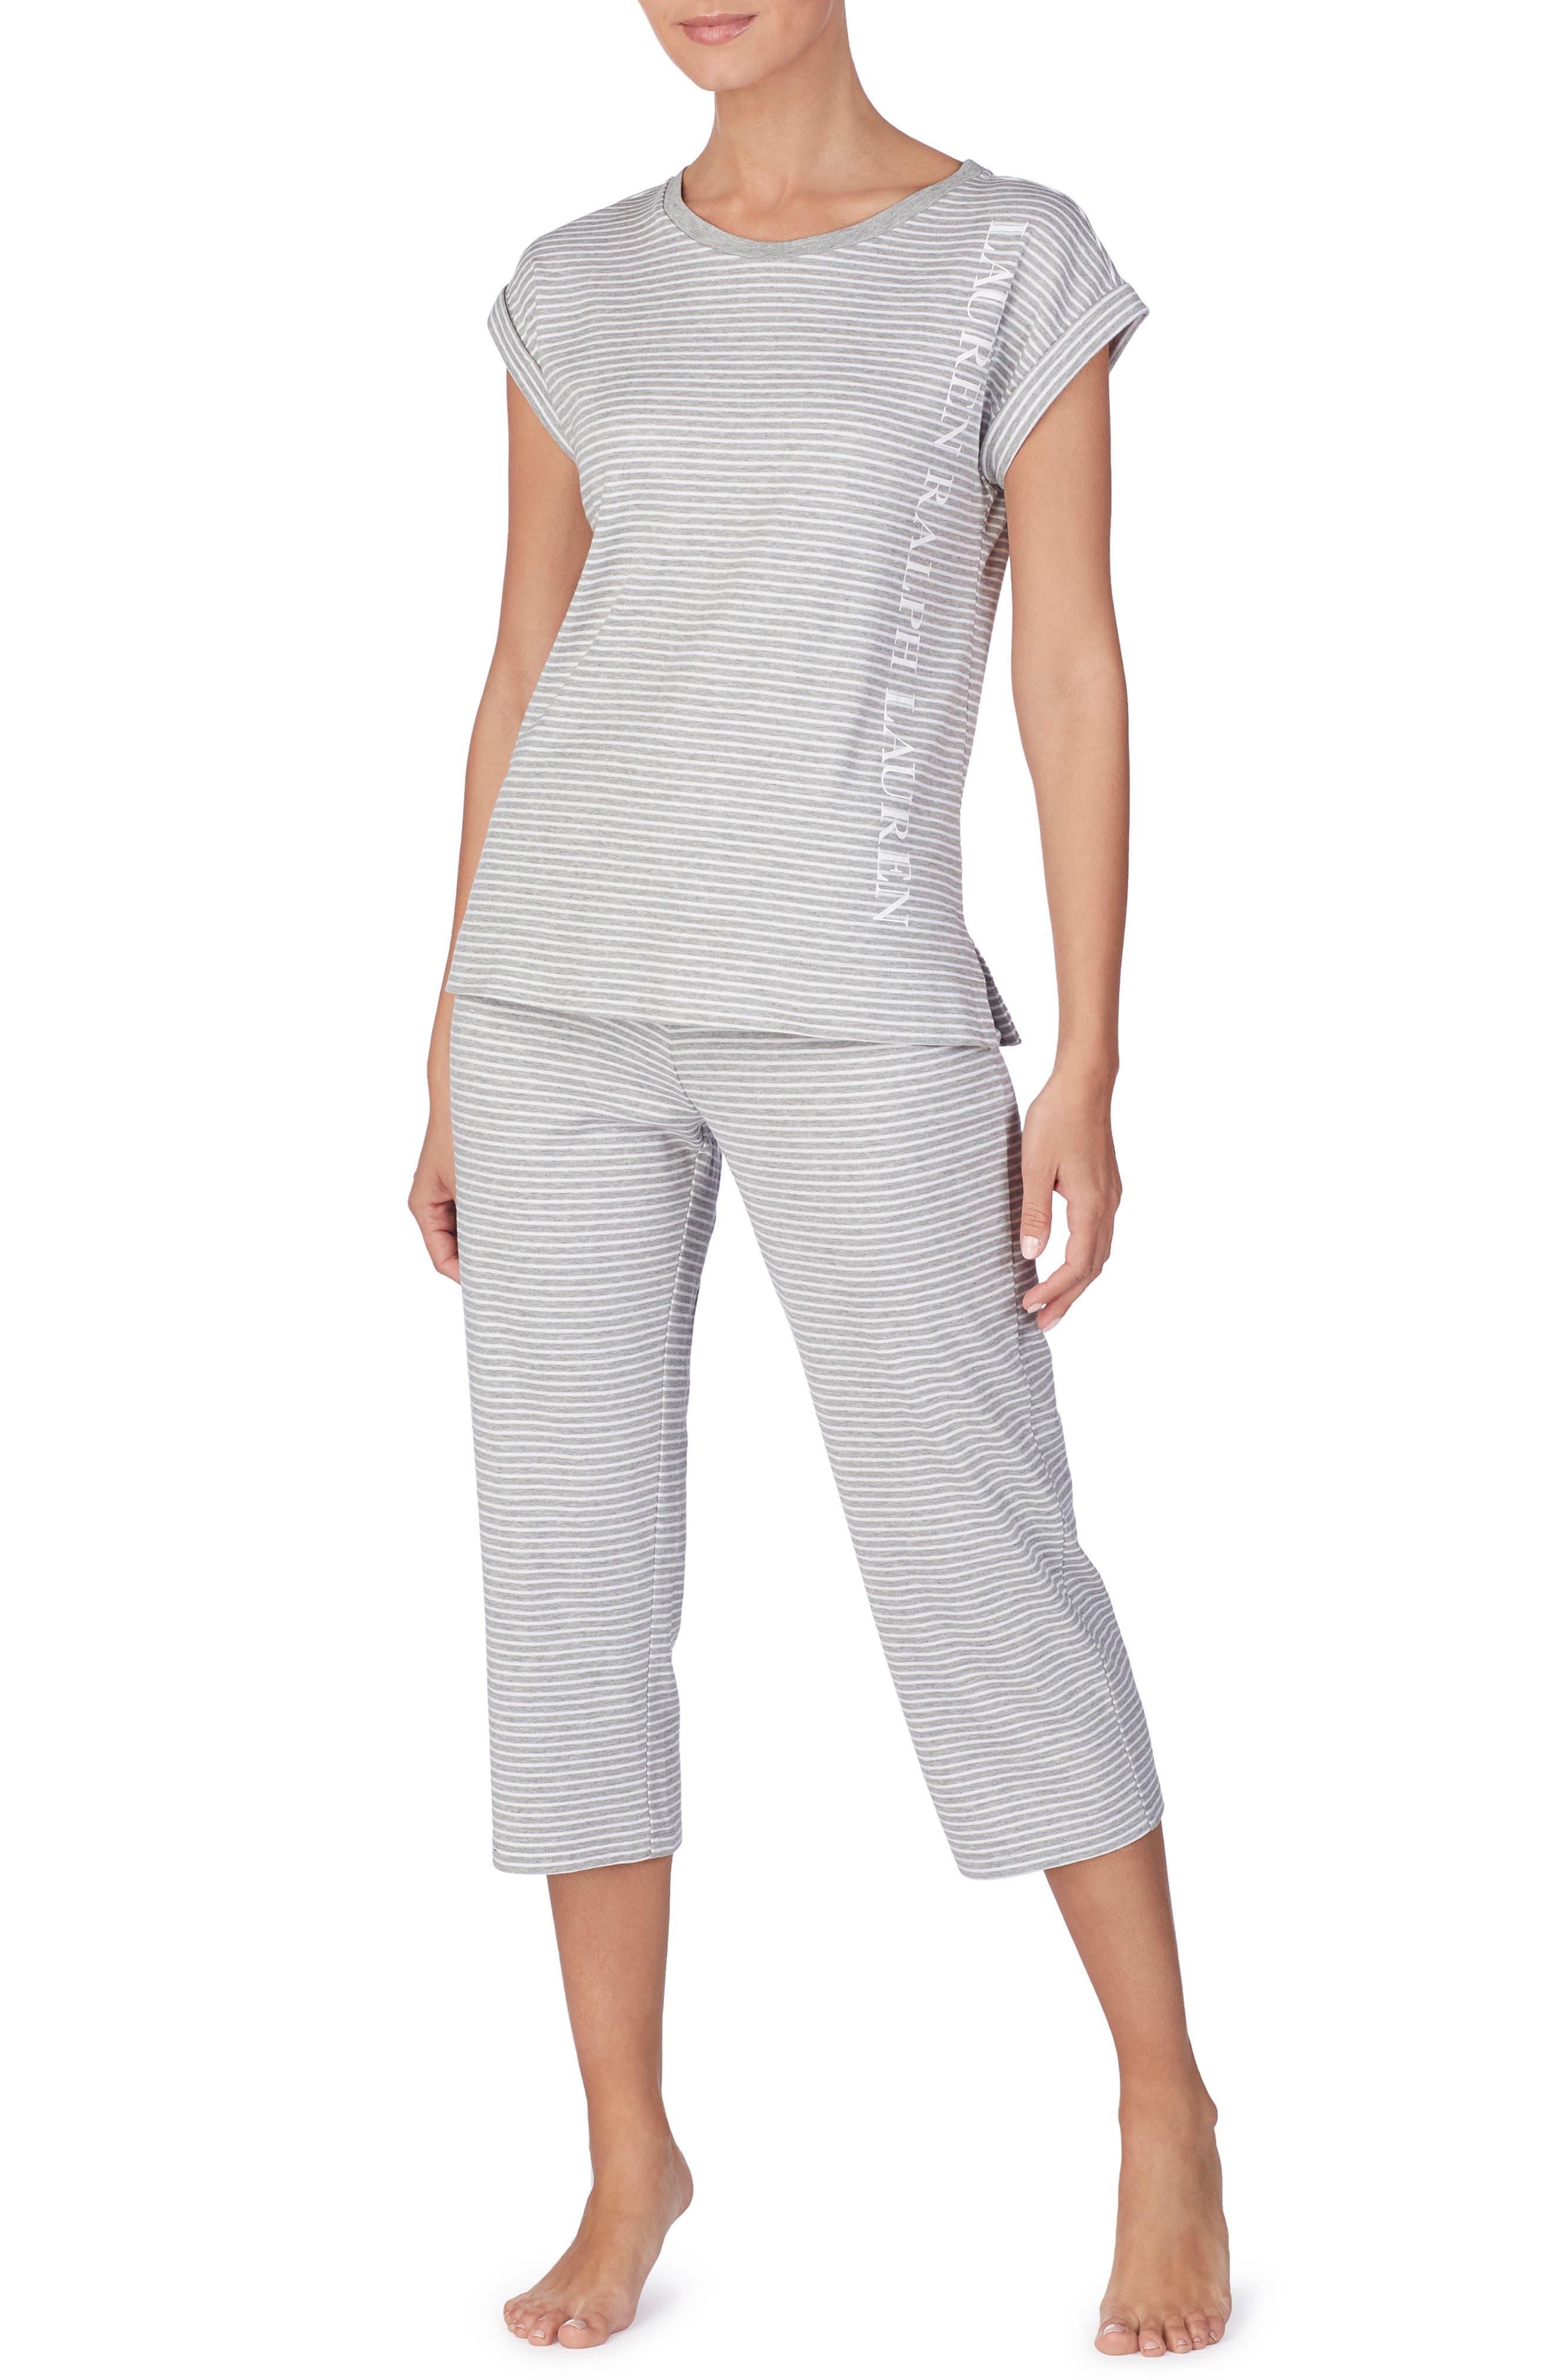 LAUREN RALPH LAUREN, Capri Pajama Pants, Alternate thumbnail 3, color, GREY STRIPE